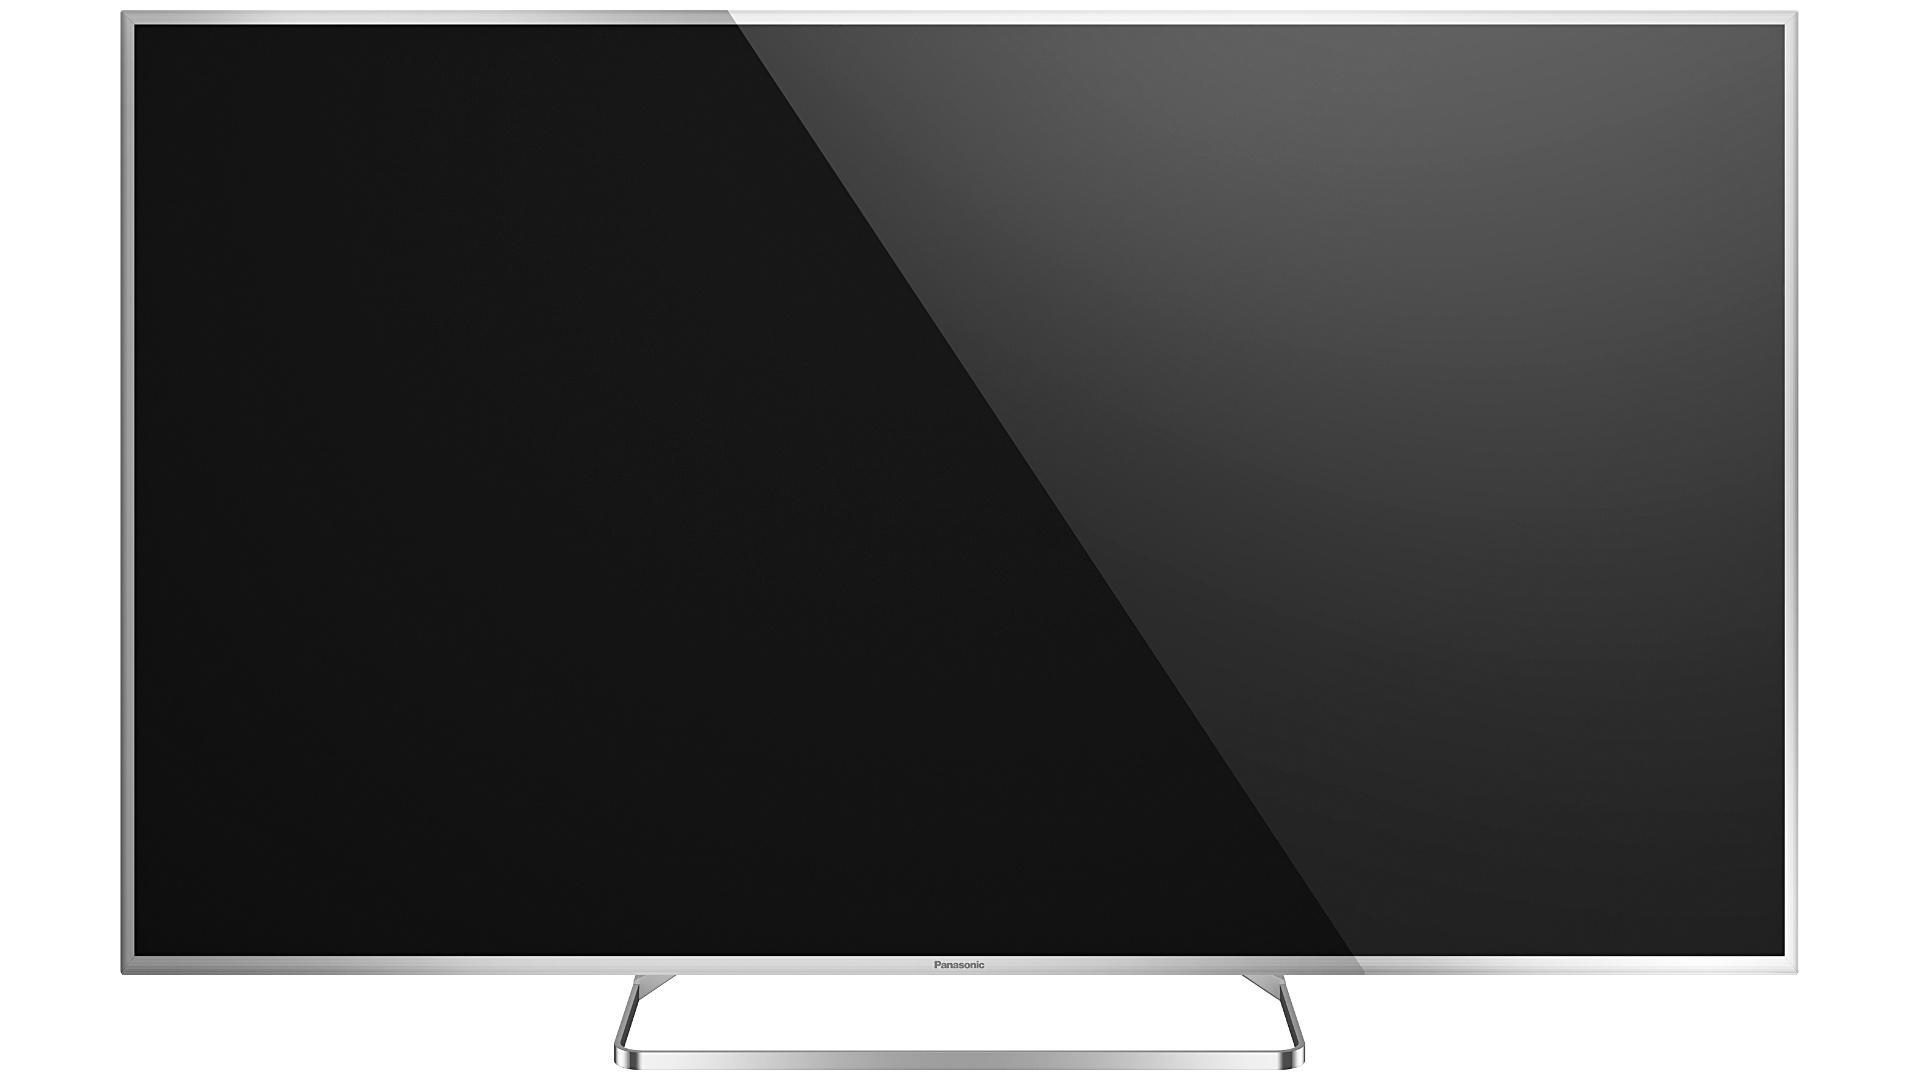 """Panasonic, 55"""", LCD, -, Full, HD, (1080P, &, 1200:1, -, 1.8MM, ULTRA, NARROW, BEZEL),"""